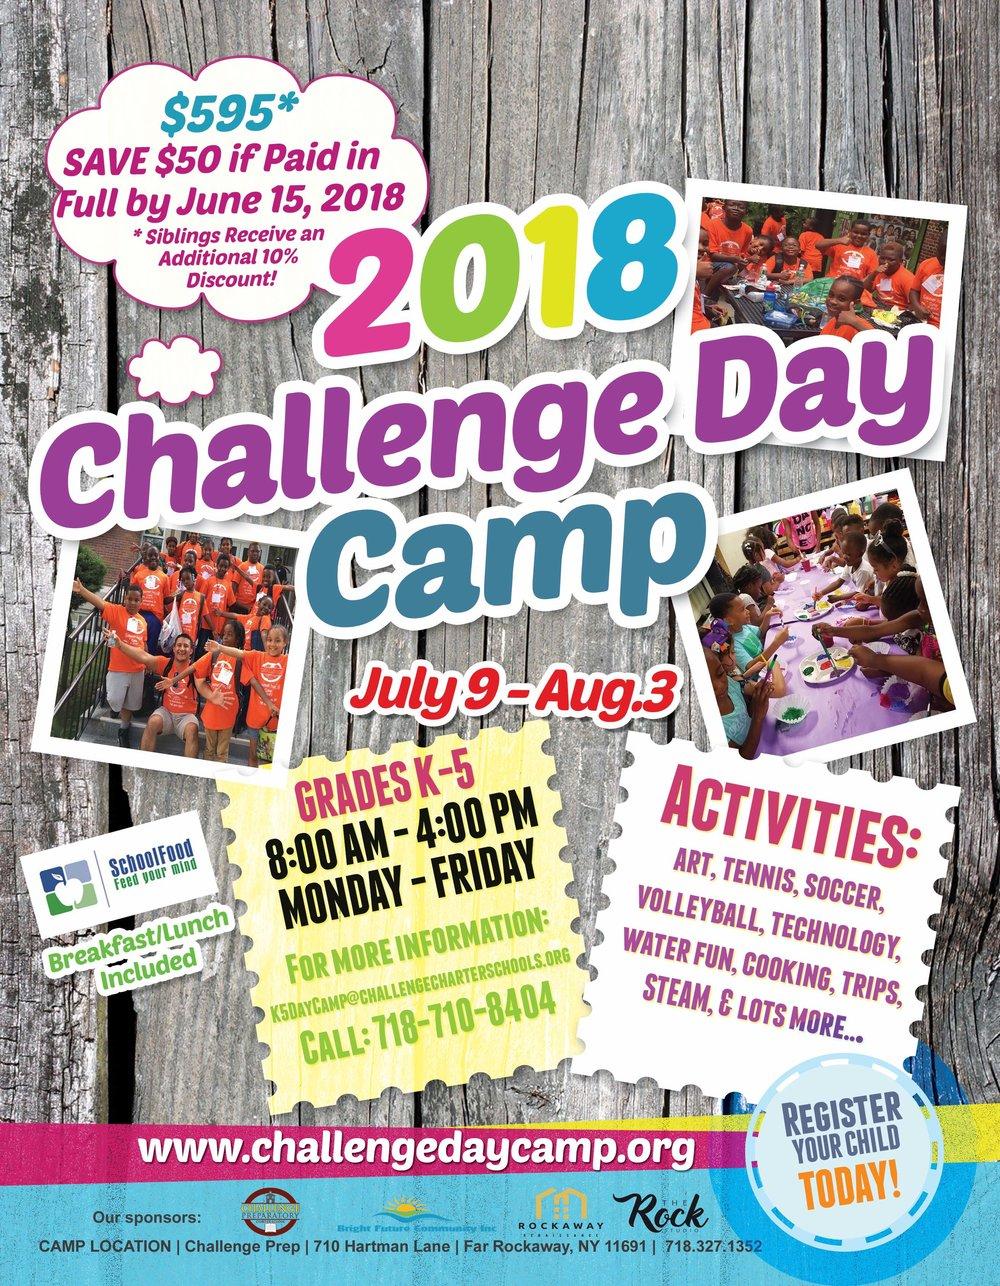 $50 Flyer for K-5 Summer Camp